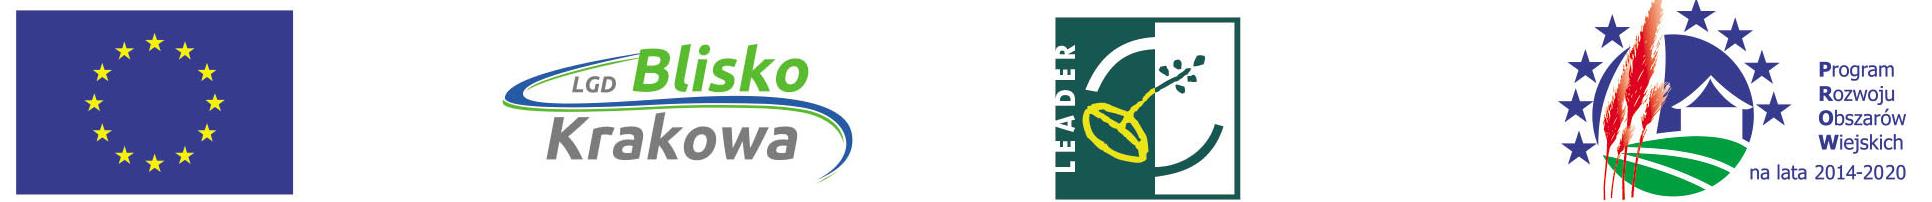 logotypy-na-nasz-cholerzyn